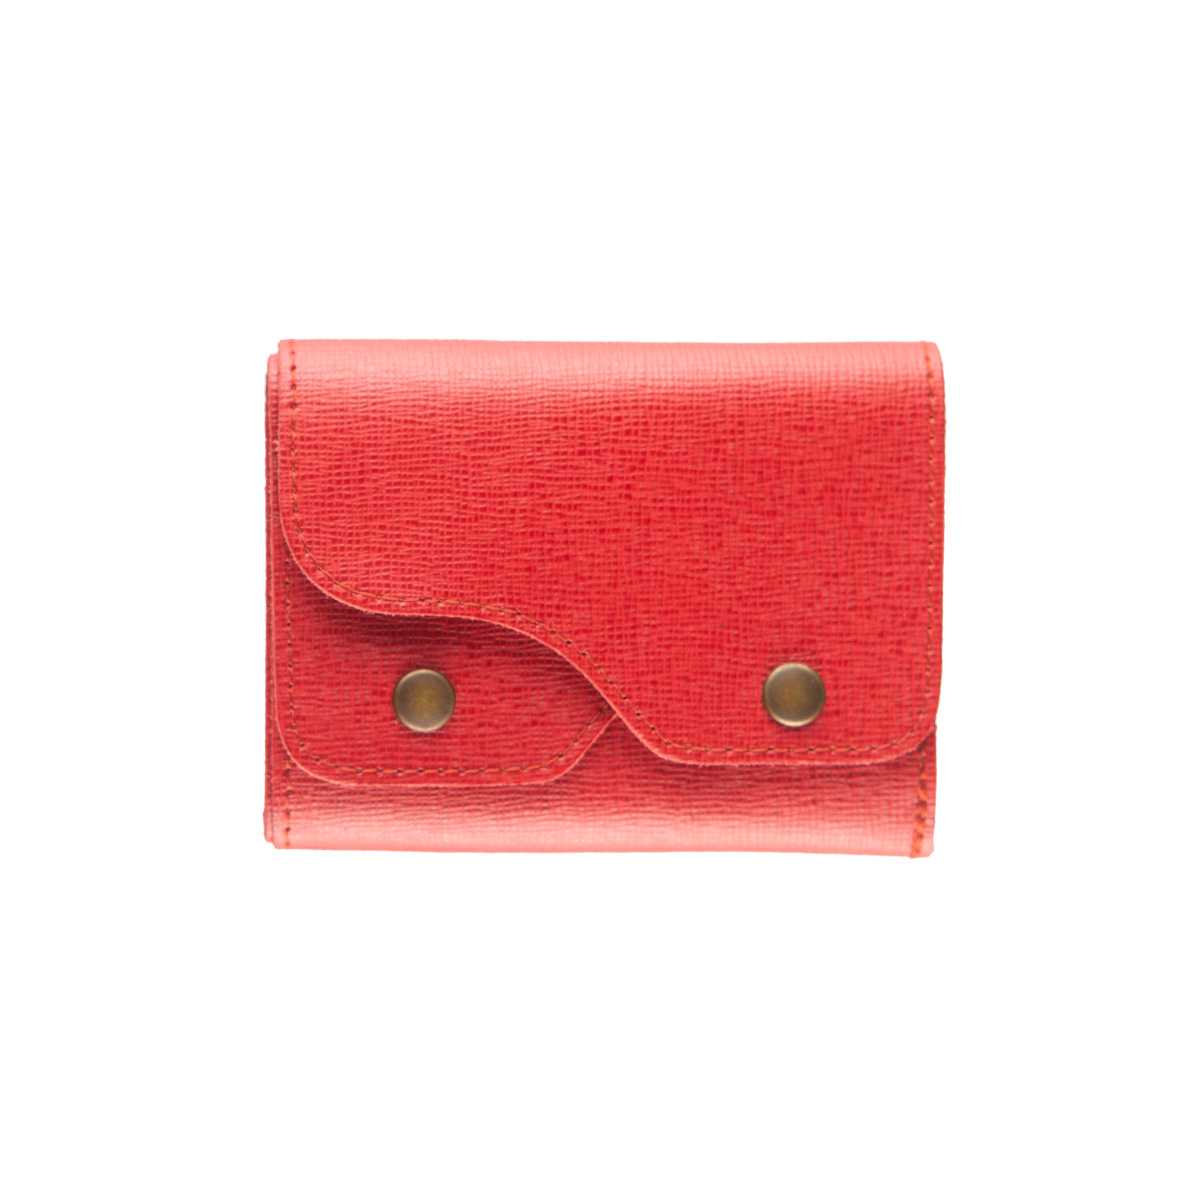 portafoglio Cash saffiano rosso marcato Woodillon